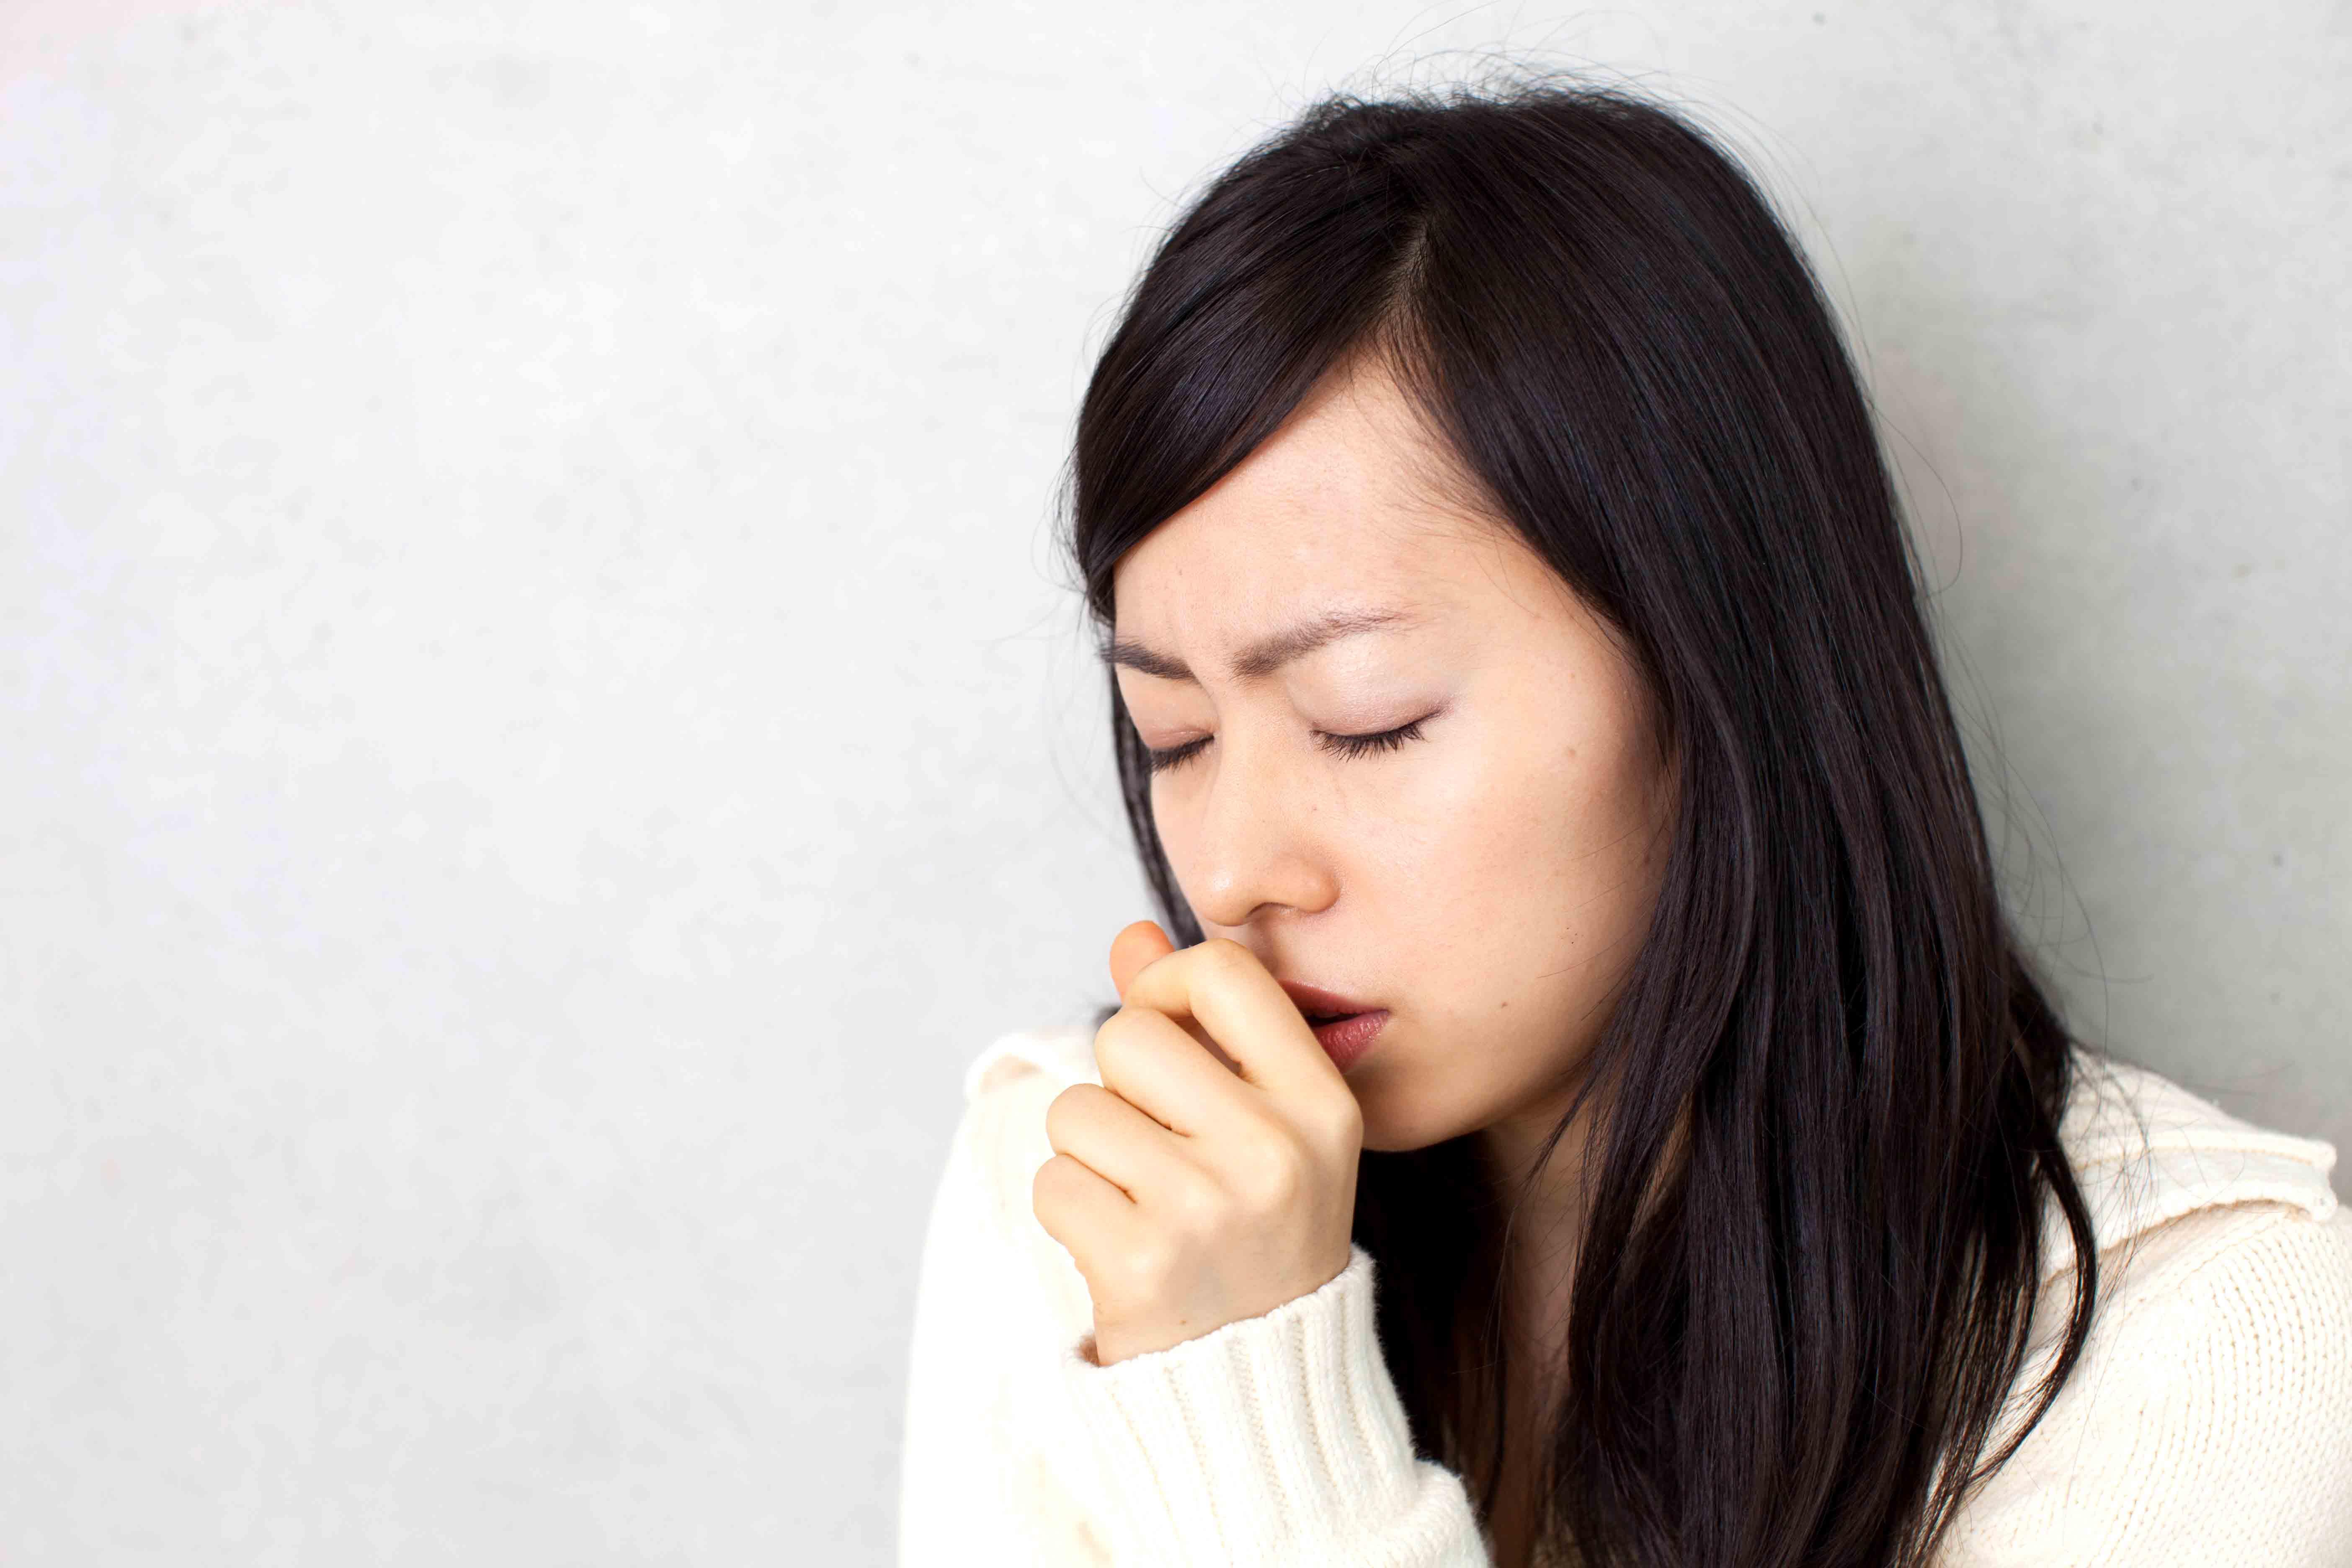 哮喘可危及性命 中西预防有法